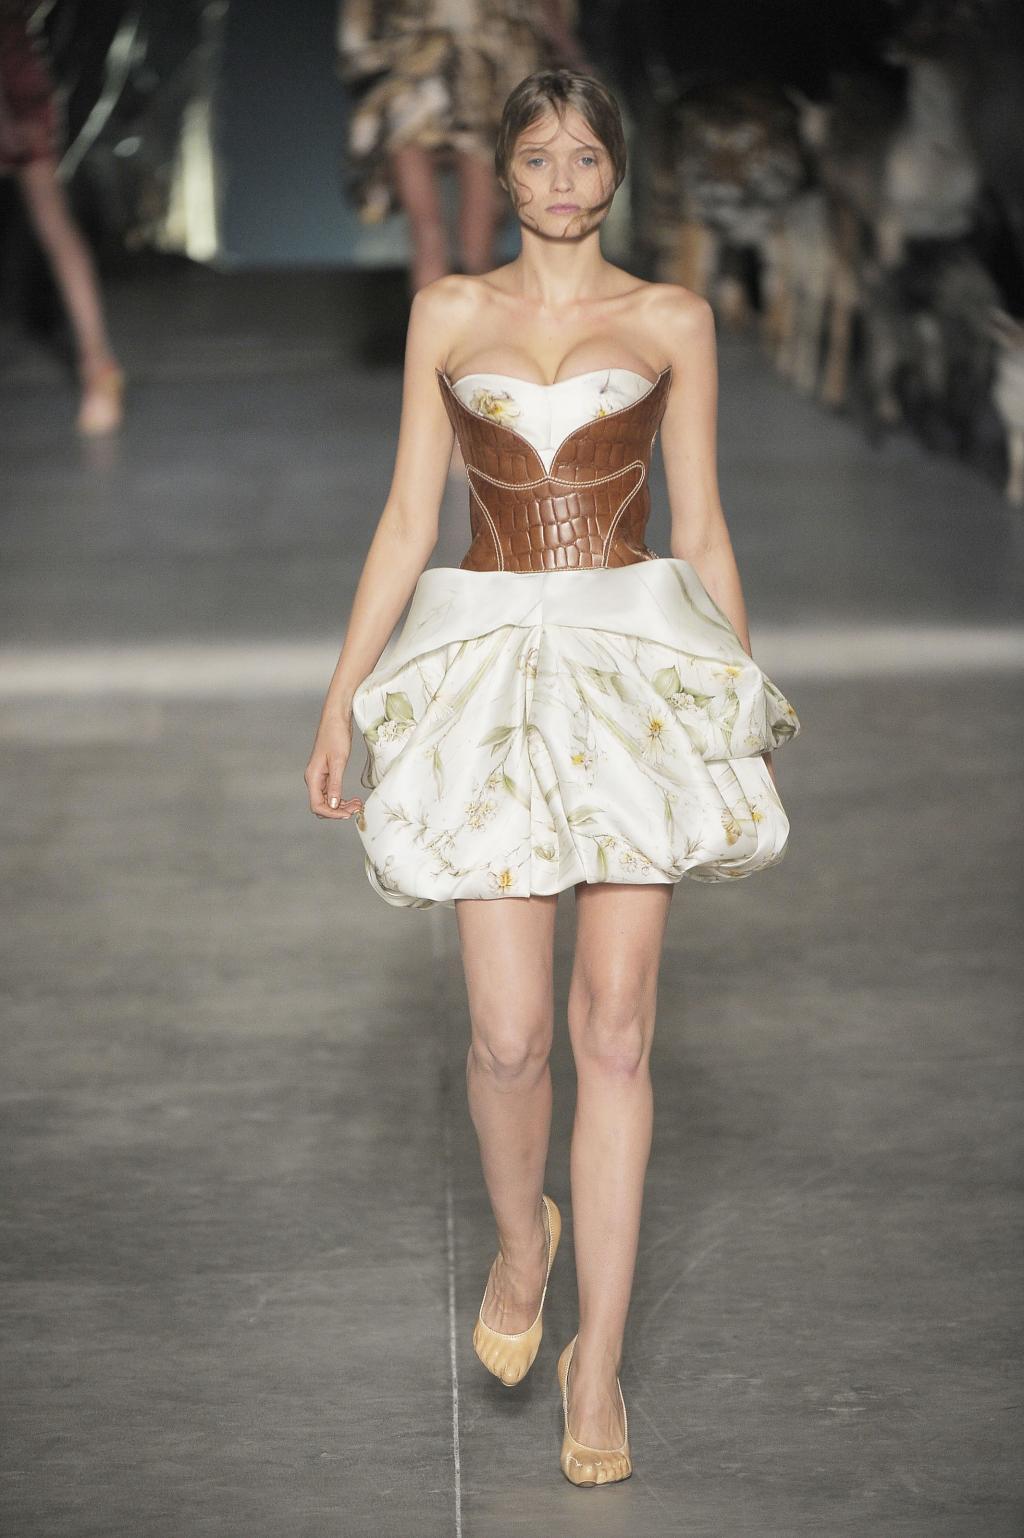 Платье-корсет | Limone nel cioccolato